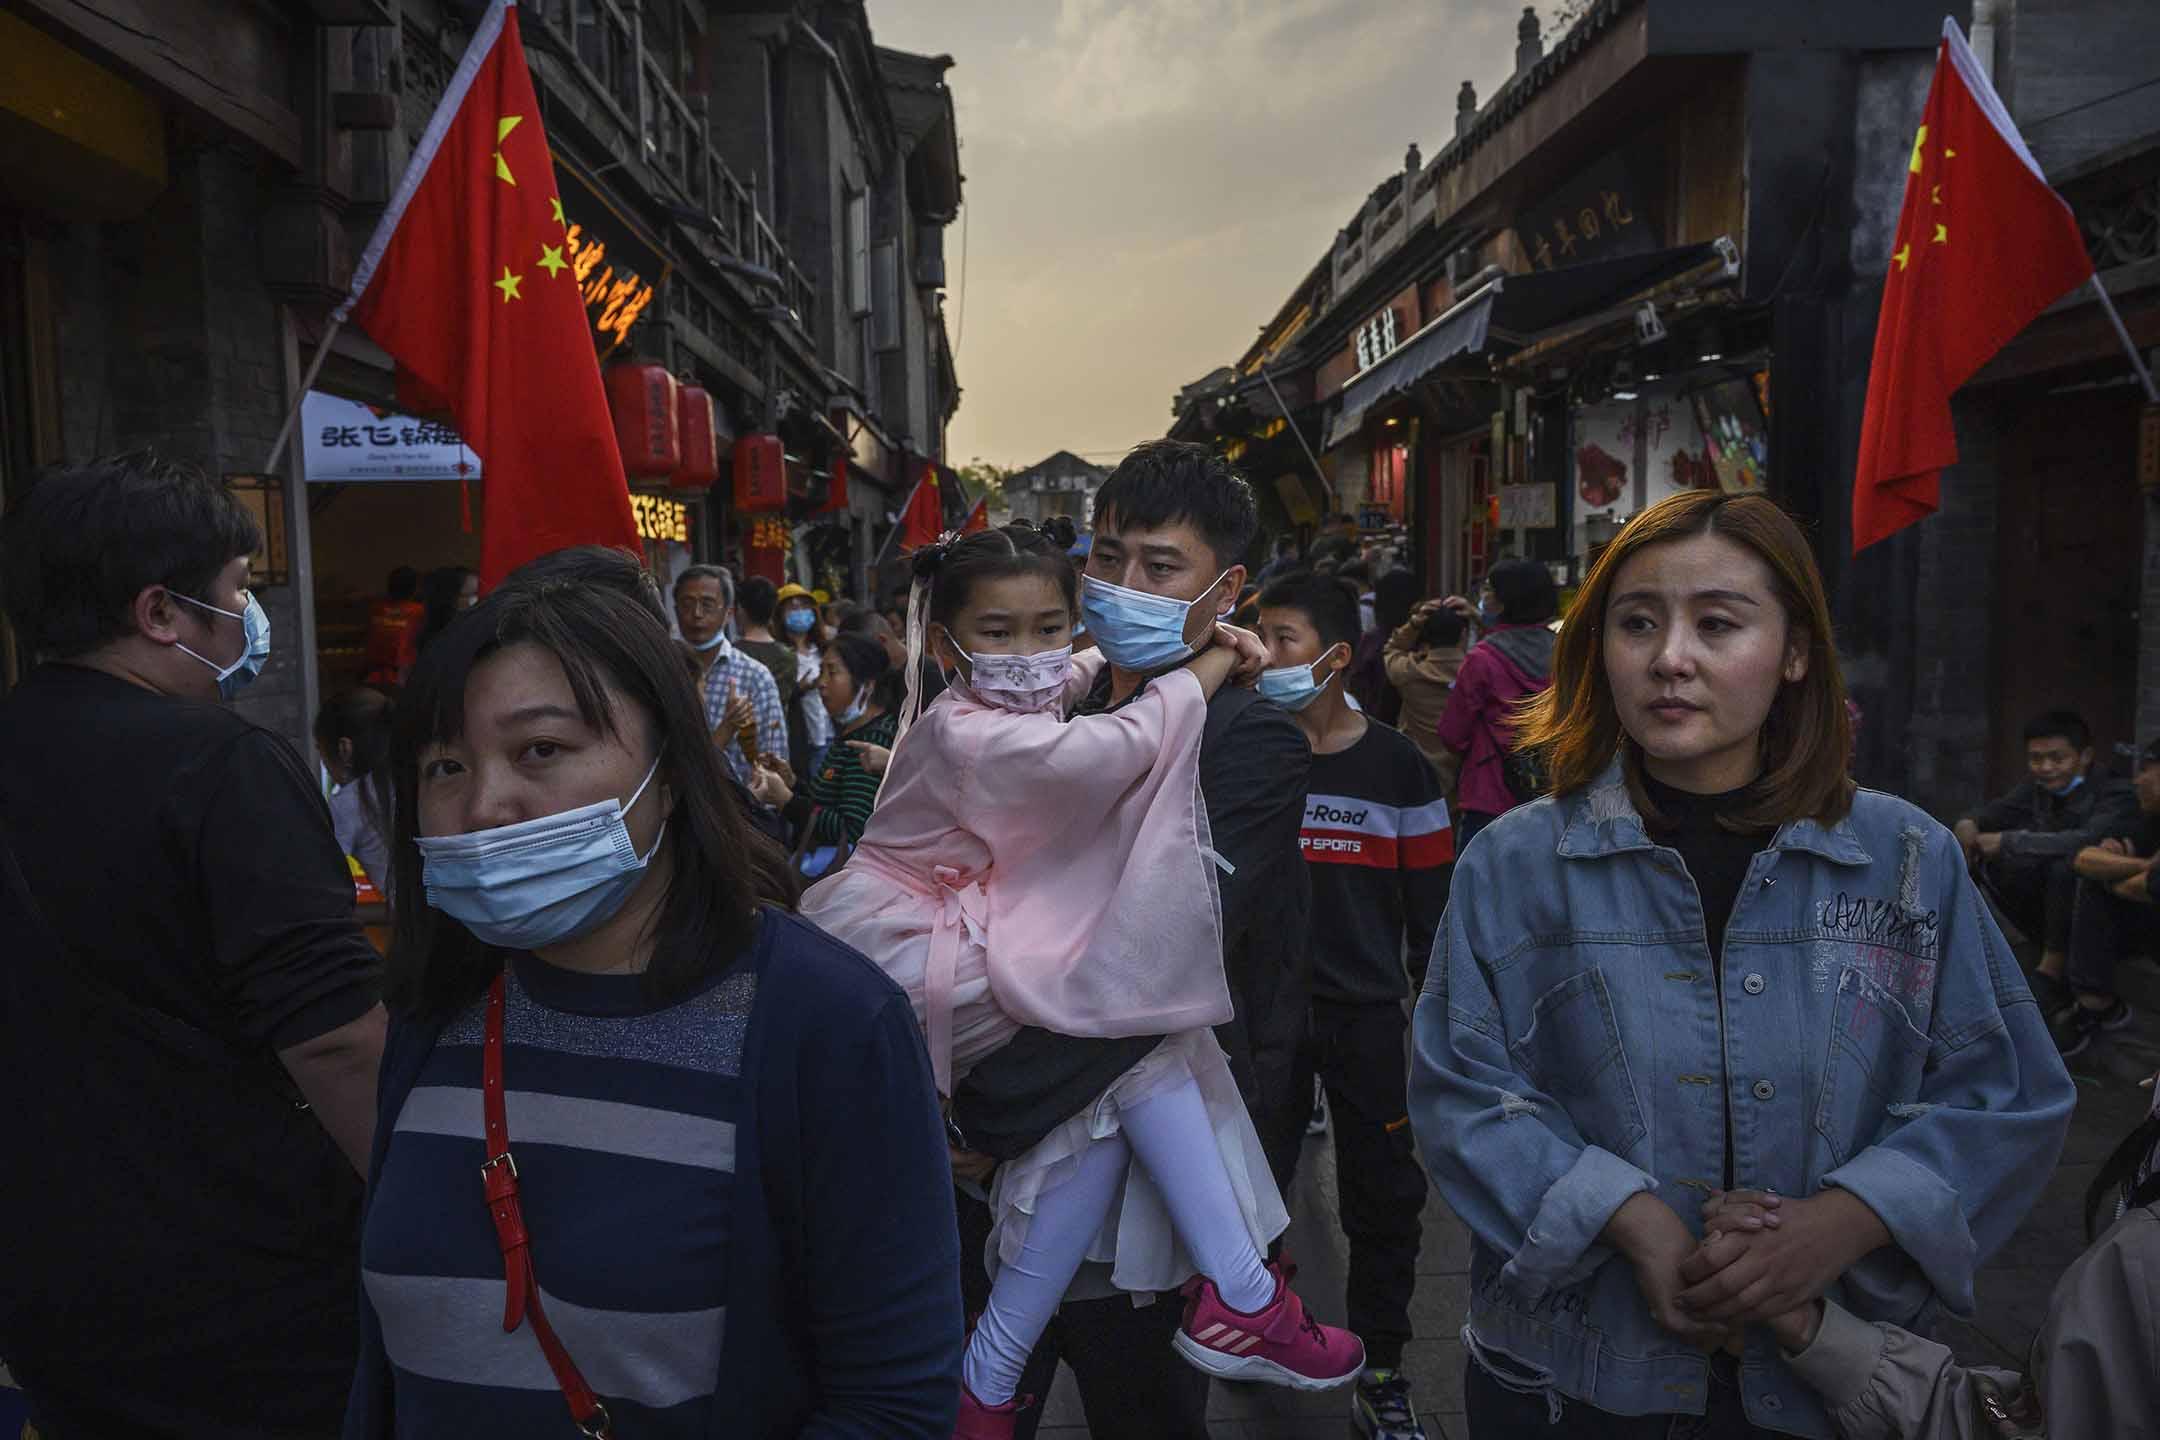 2020年10月3日中國北京,黃金周假期期間,一名中國男子帶著身著傳統服裝的女兒在旅遊區散步。